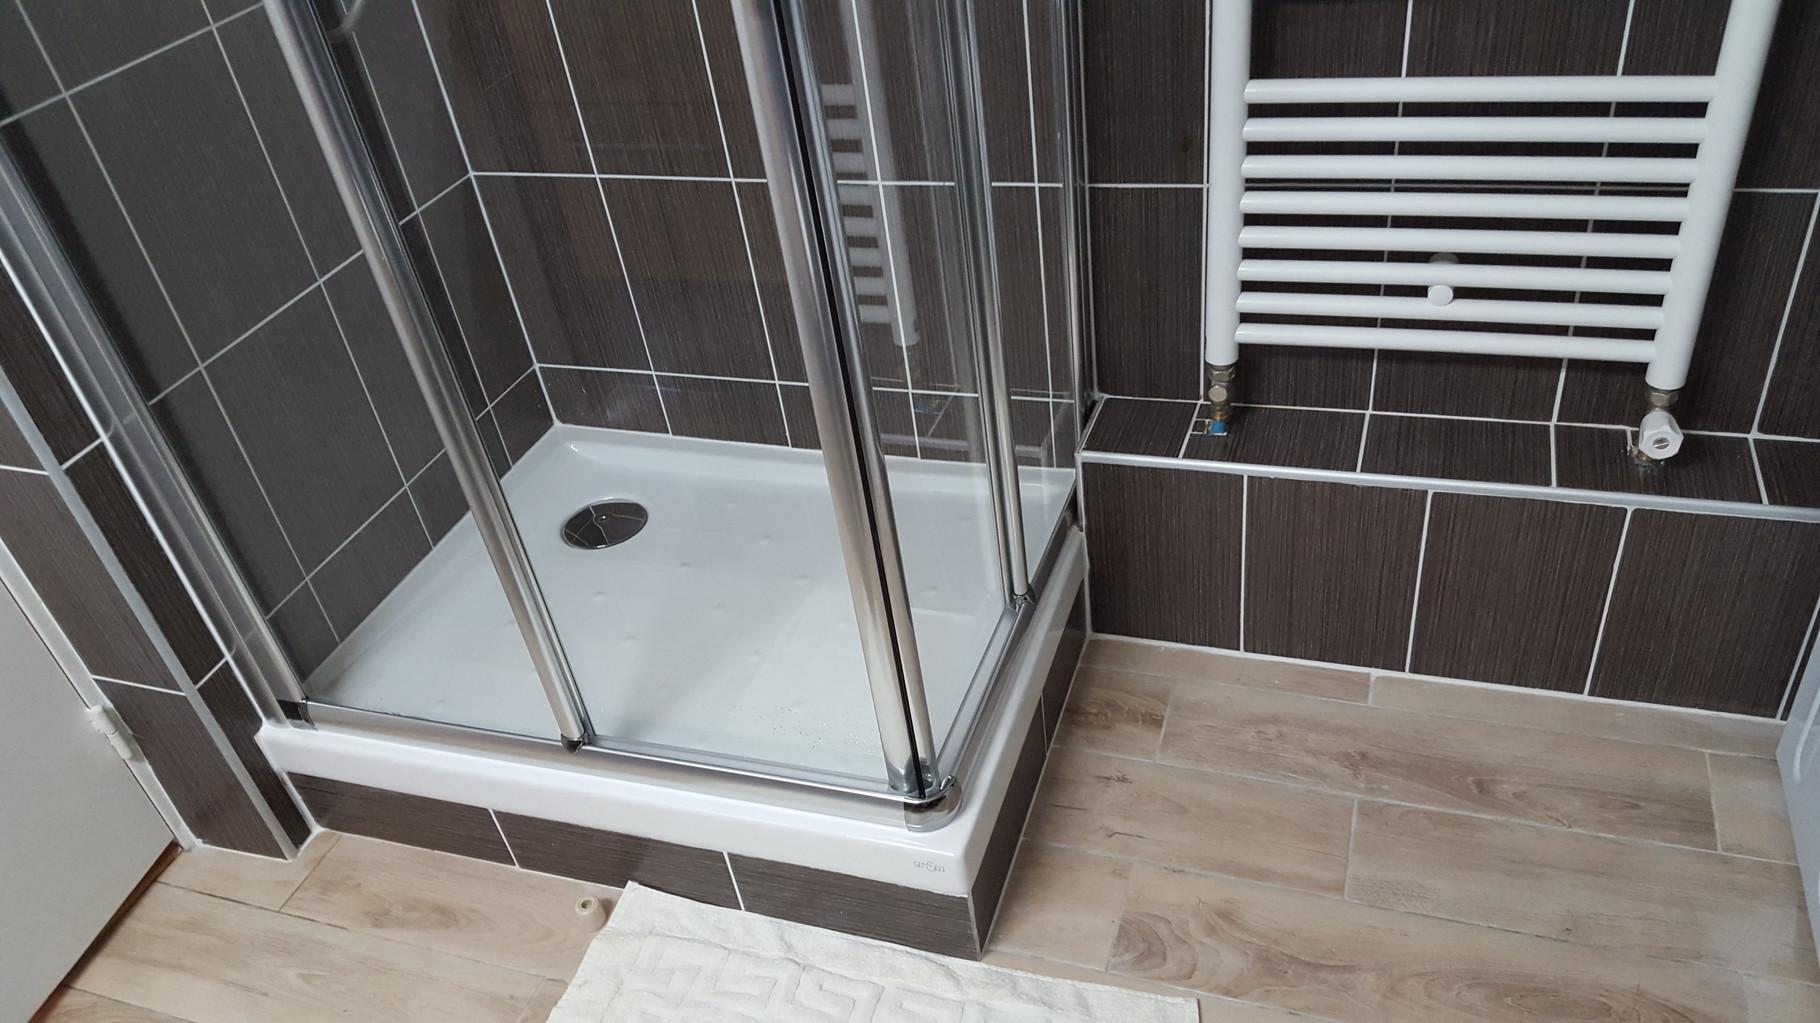 nouvelle douche et pose du sèche serviettes